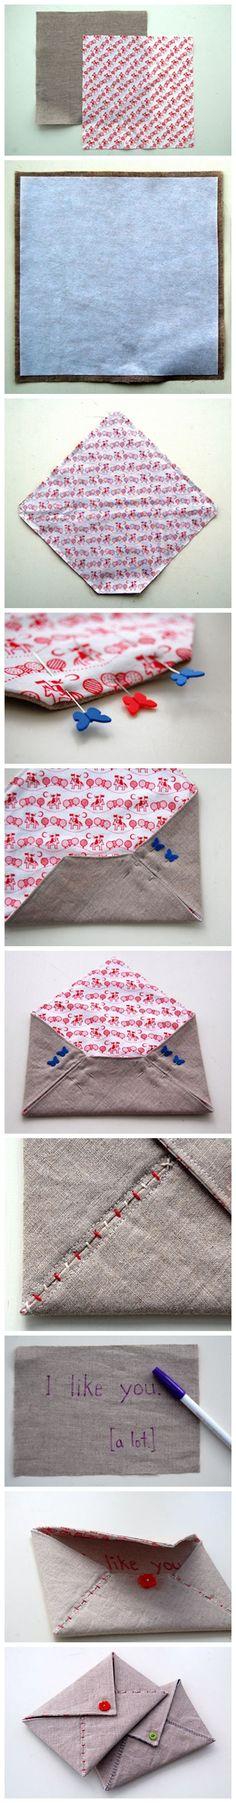 Como fazer envelopes de tecido.